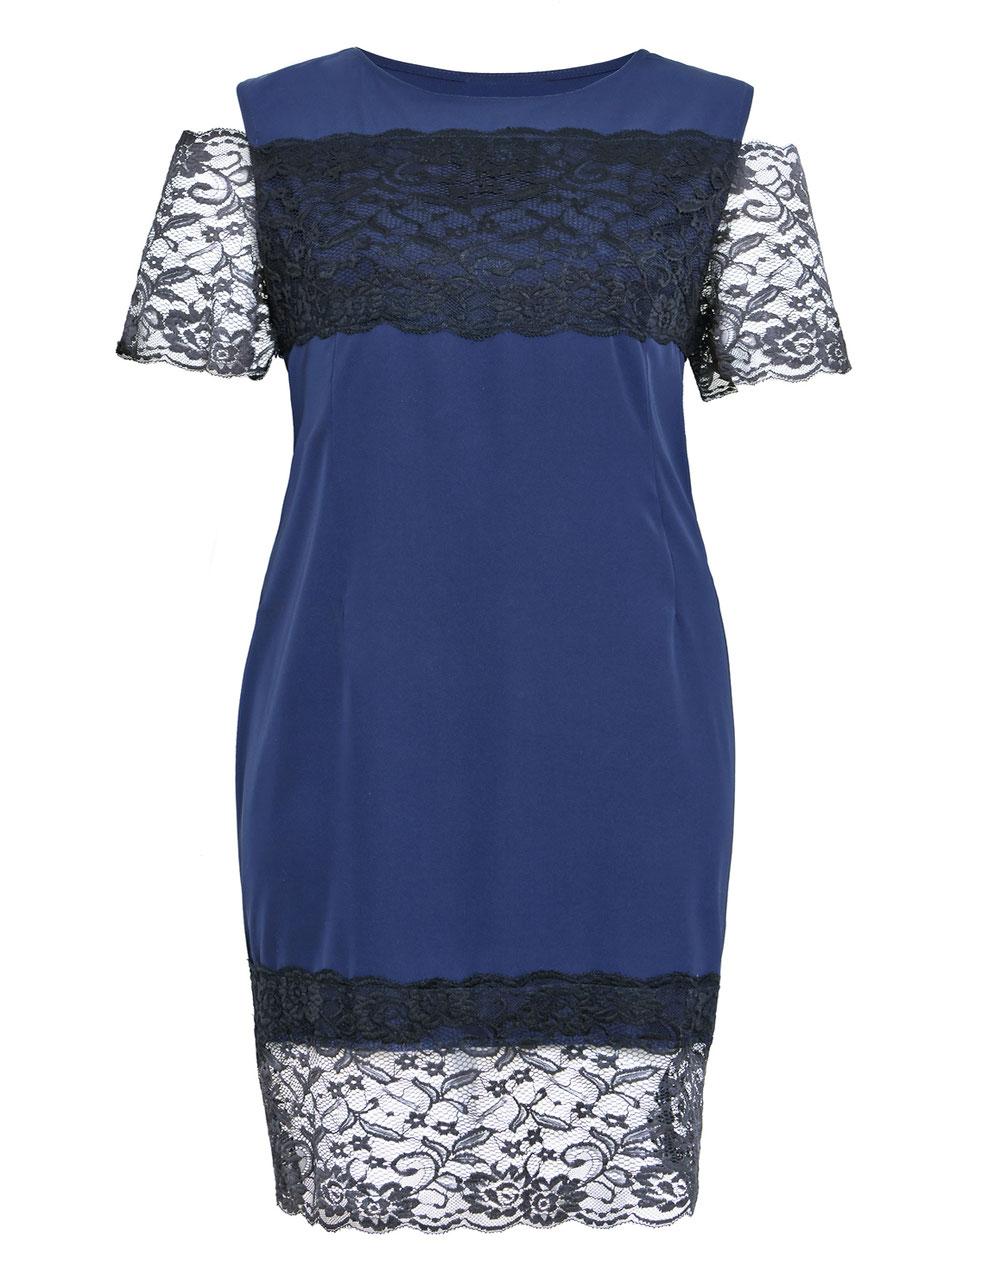 Elegantes Kleid dunkelbau mit schwarzer Spitze - Mypepita.com